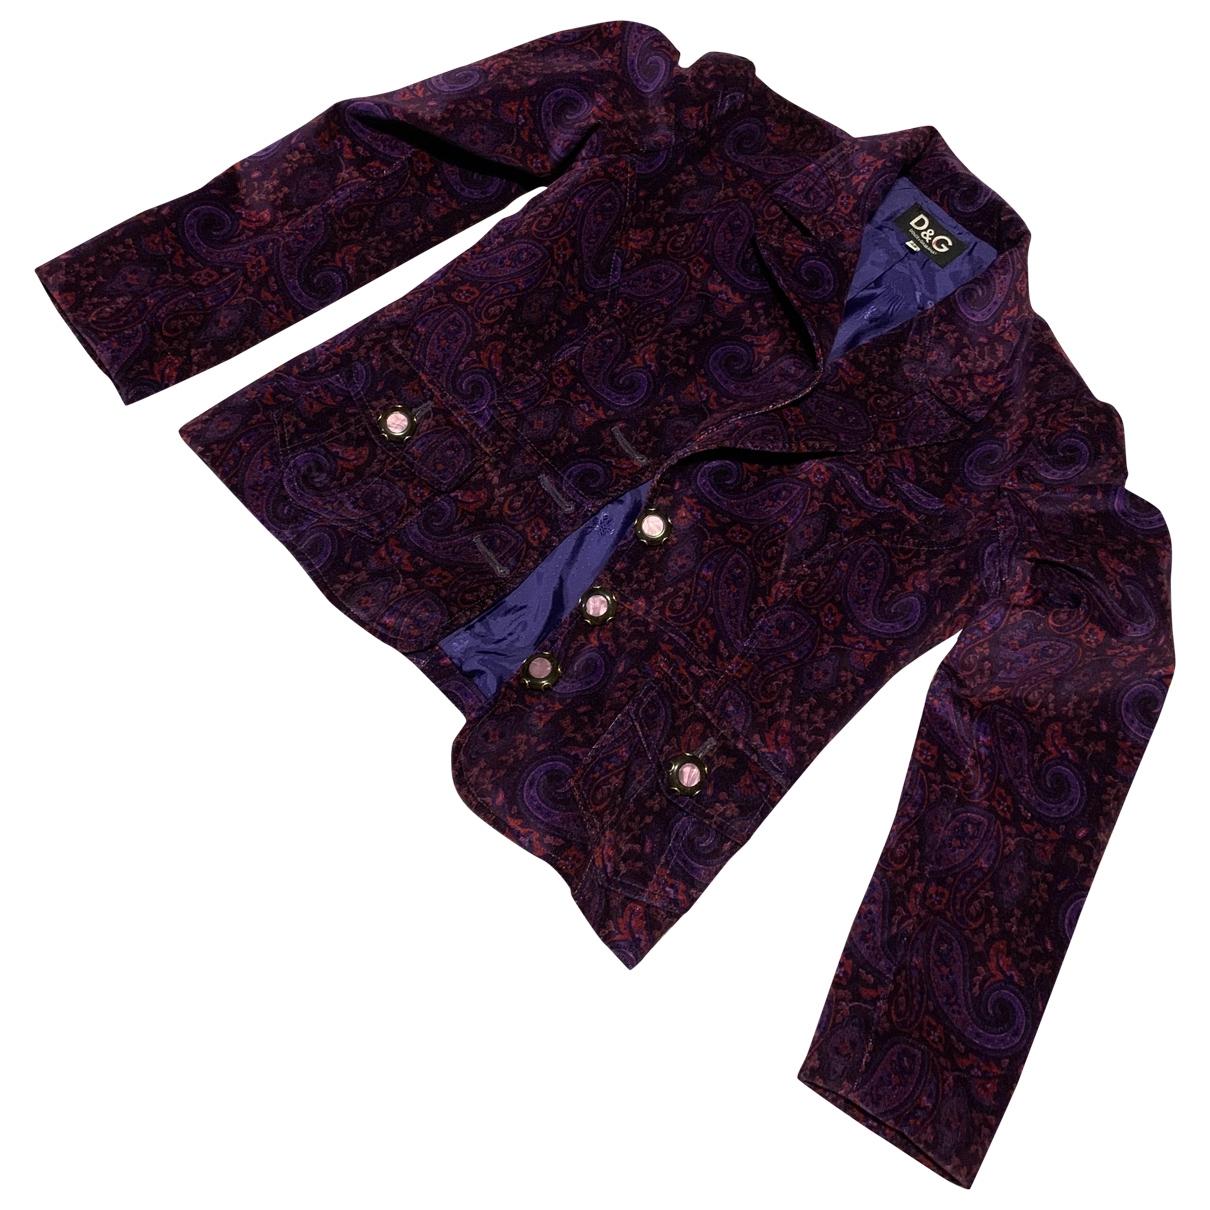 D&g - Veste   pour femme en coton - violet